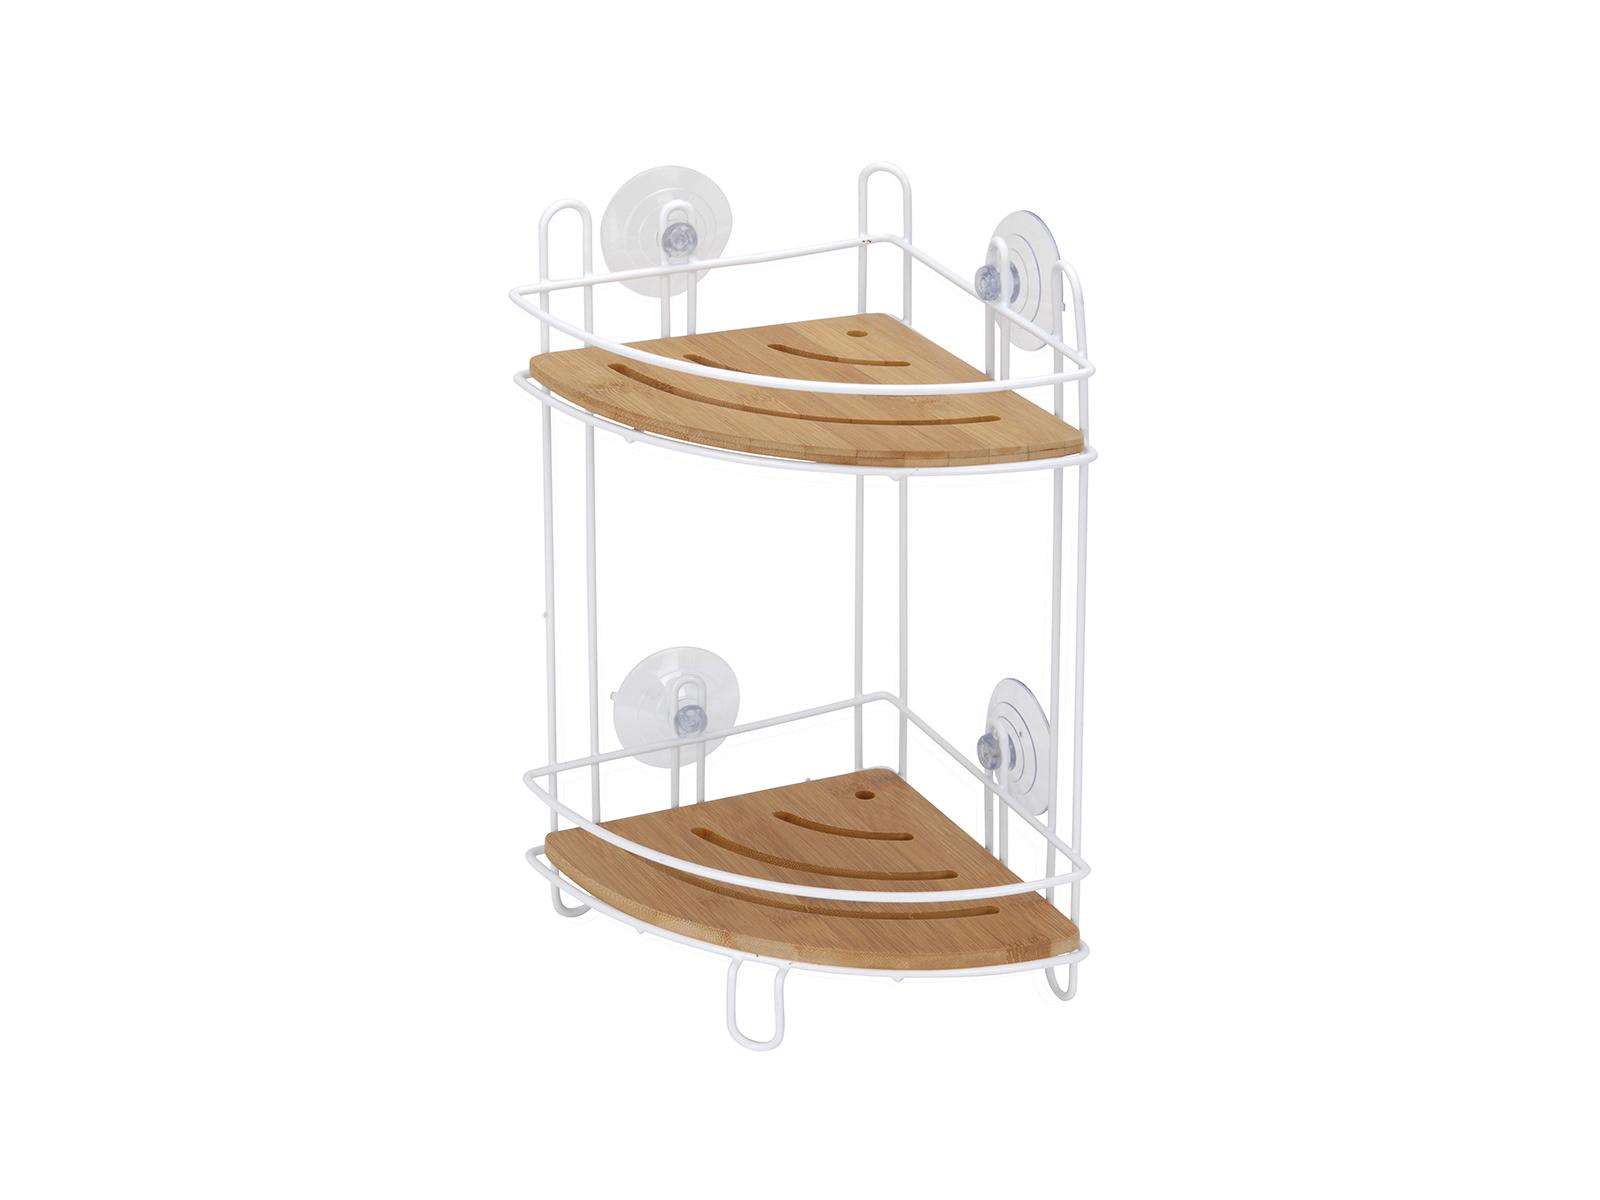 Полка White BambooТовары для ванной<br>Полка для ванной подвесная White Bamboo угловая на присосках<br>